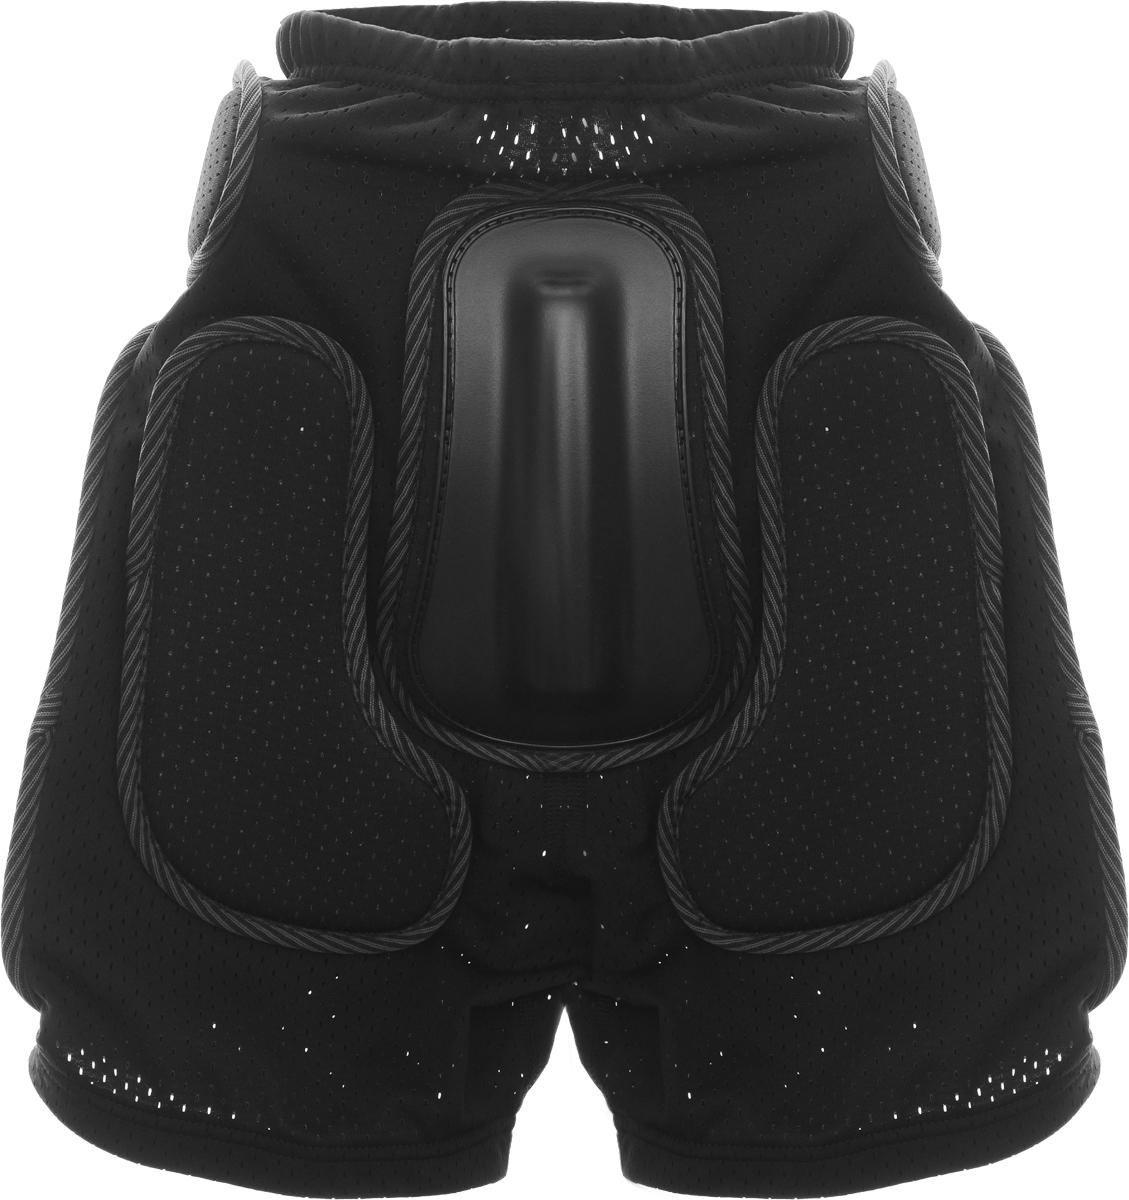 Шорты защитные Biont  Комфорт , цвет: черный, размер S - Защита